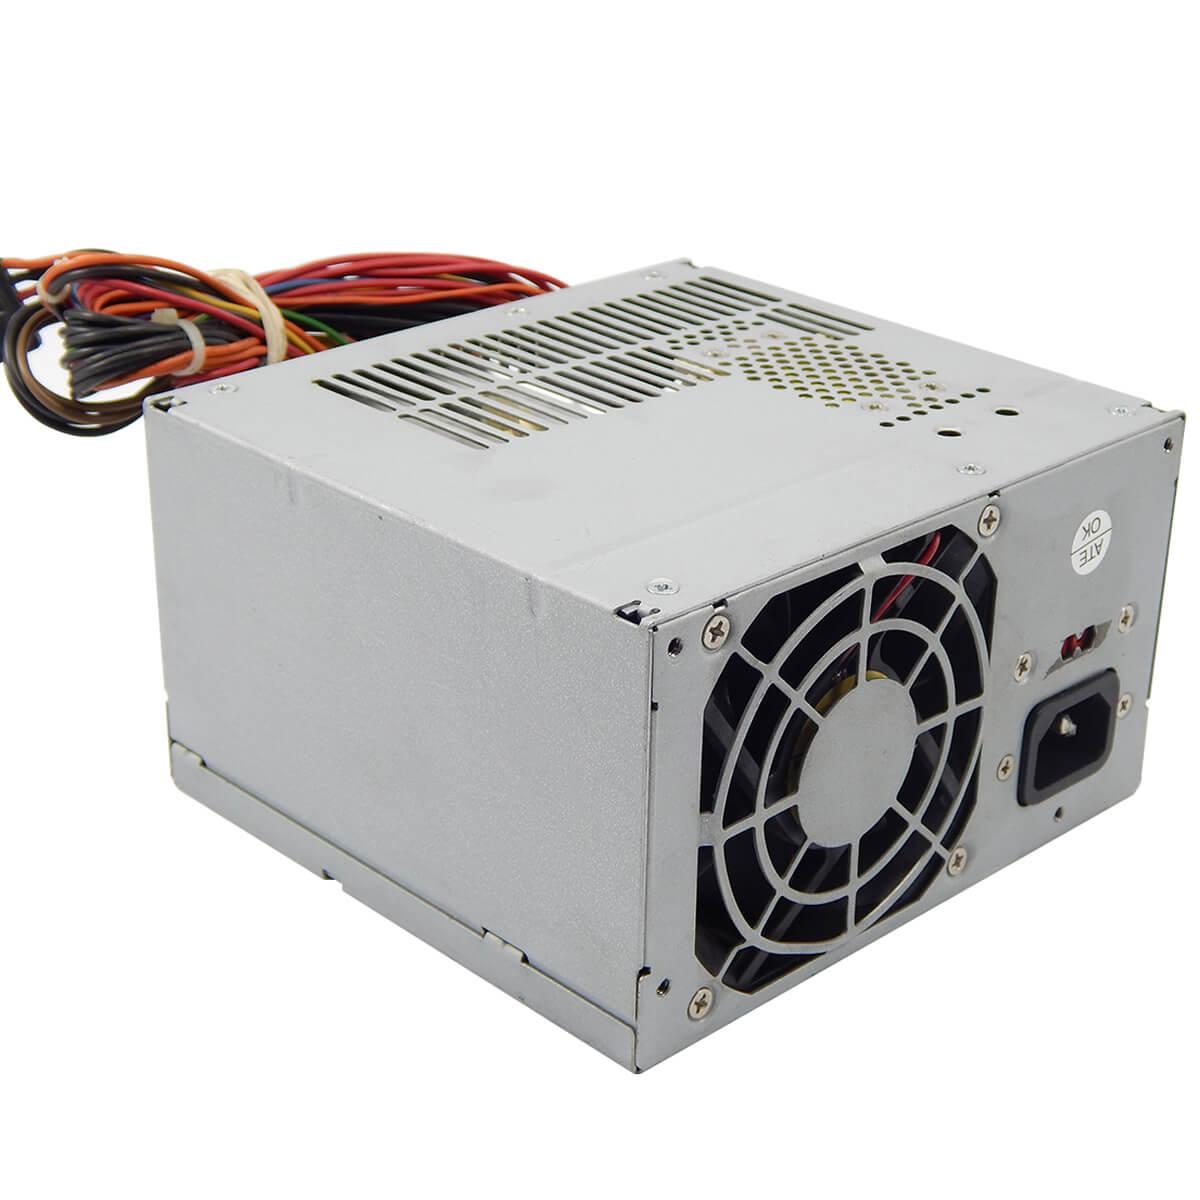 Fonte HP 460879-001 455326-001 300w 24 Pinos  - Usada